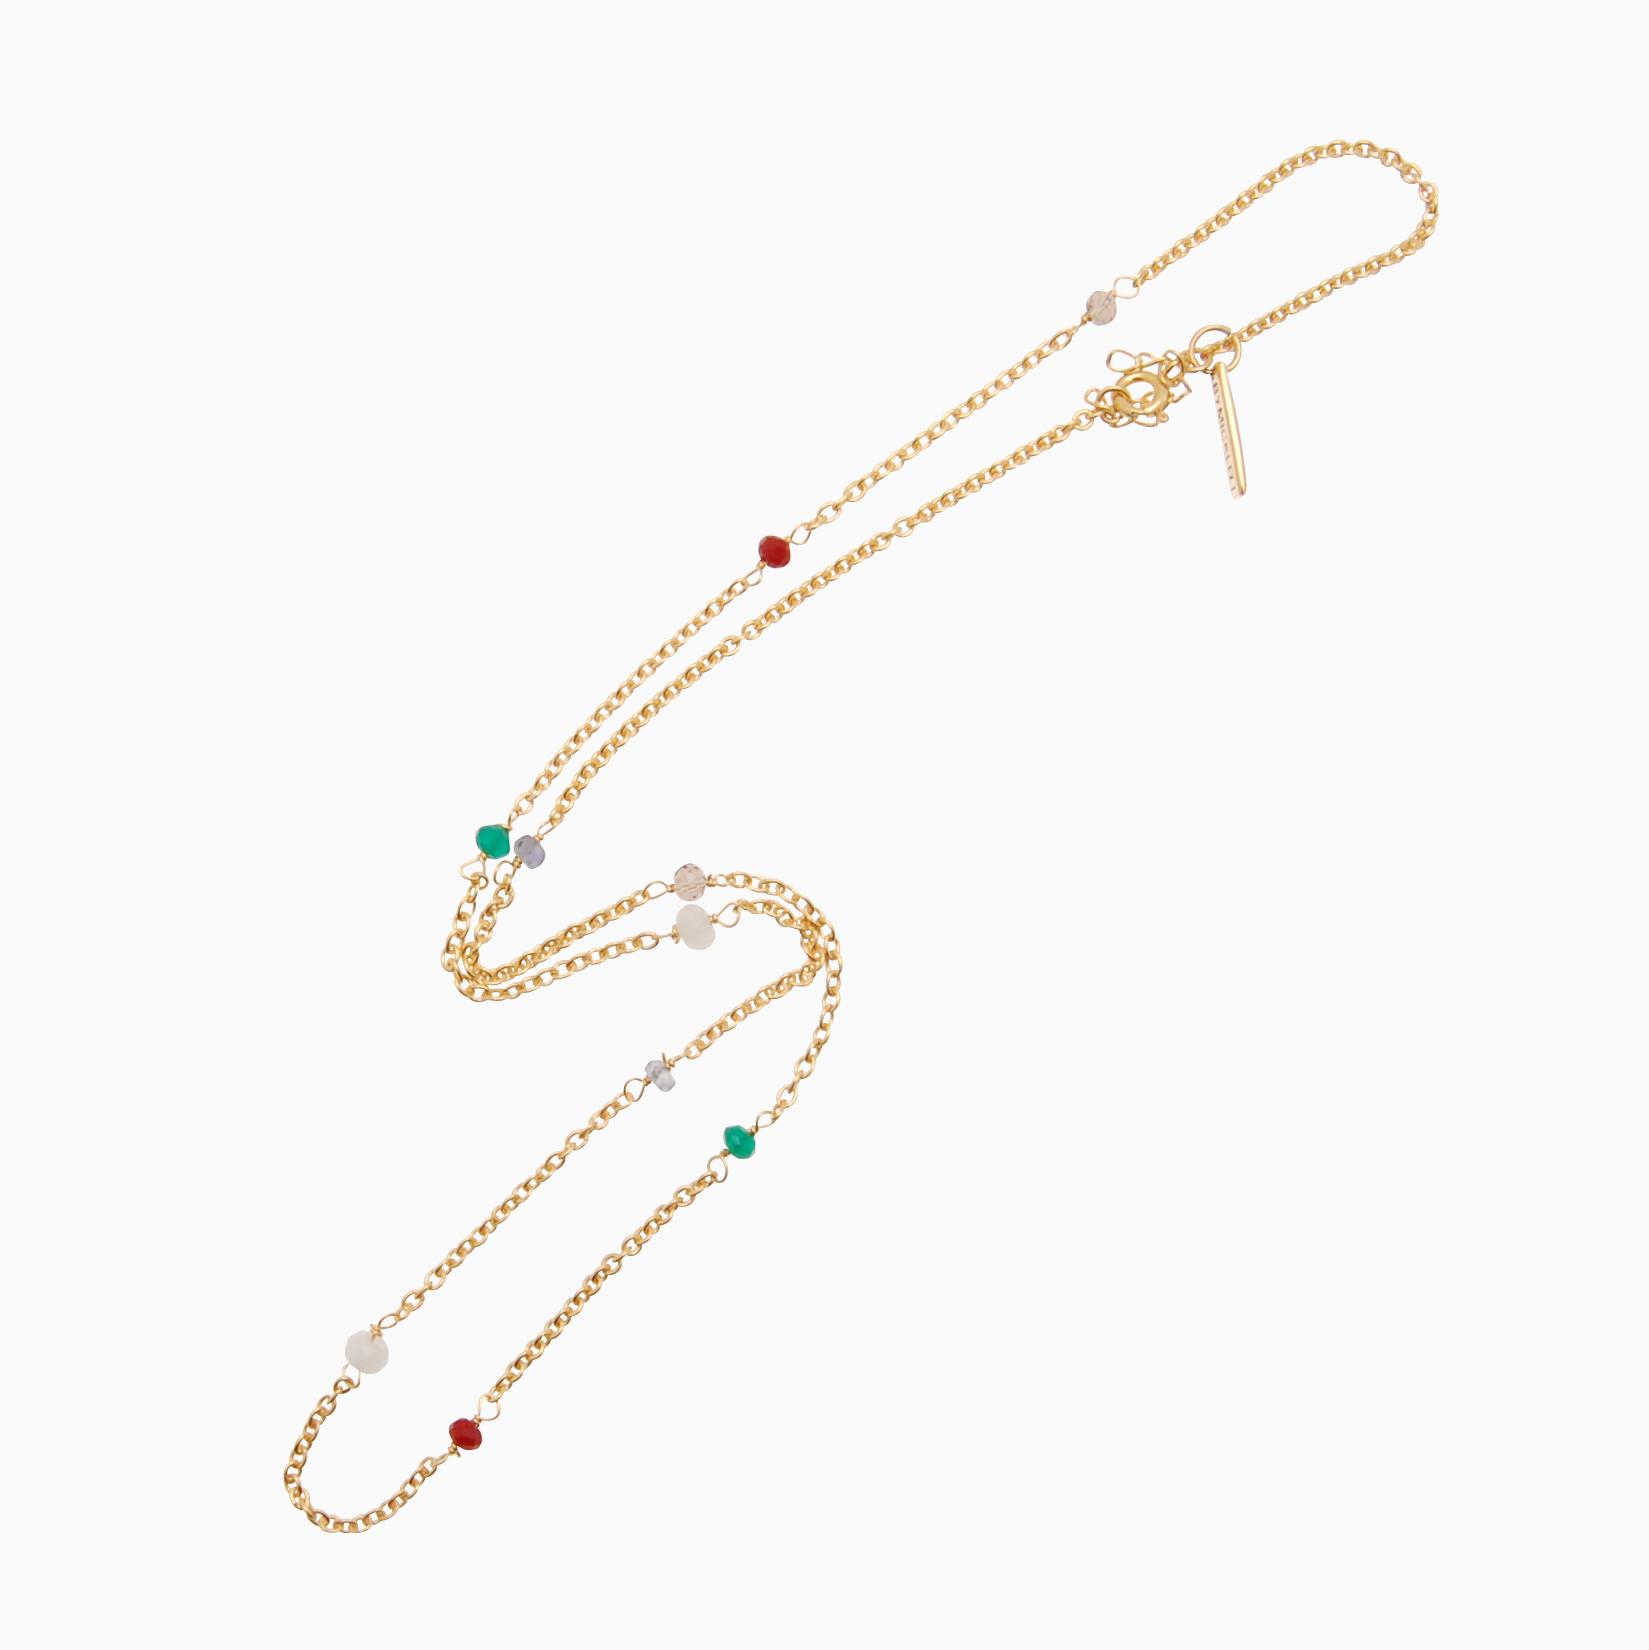 Halskæde med gemstones, guld | no. 857